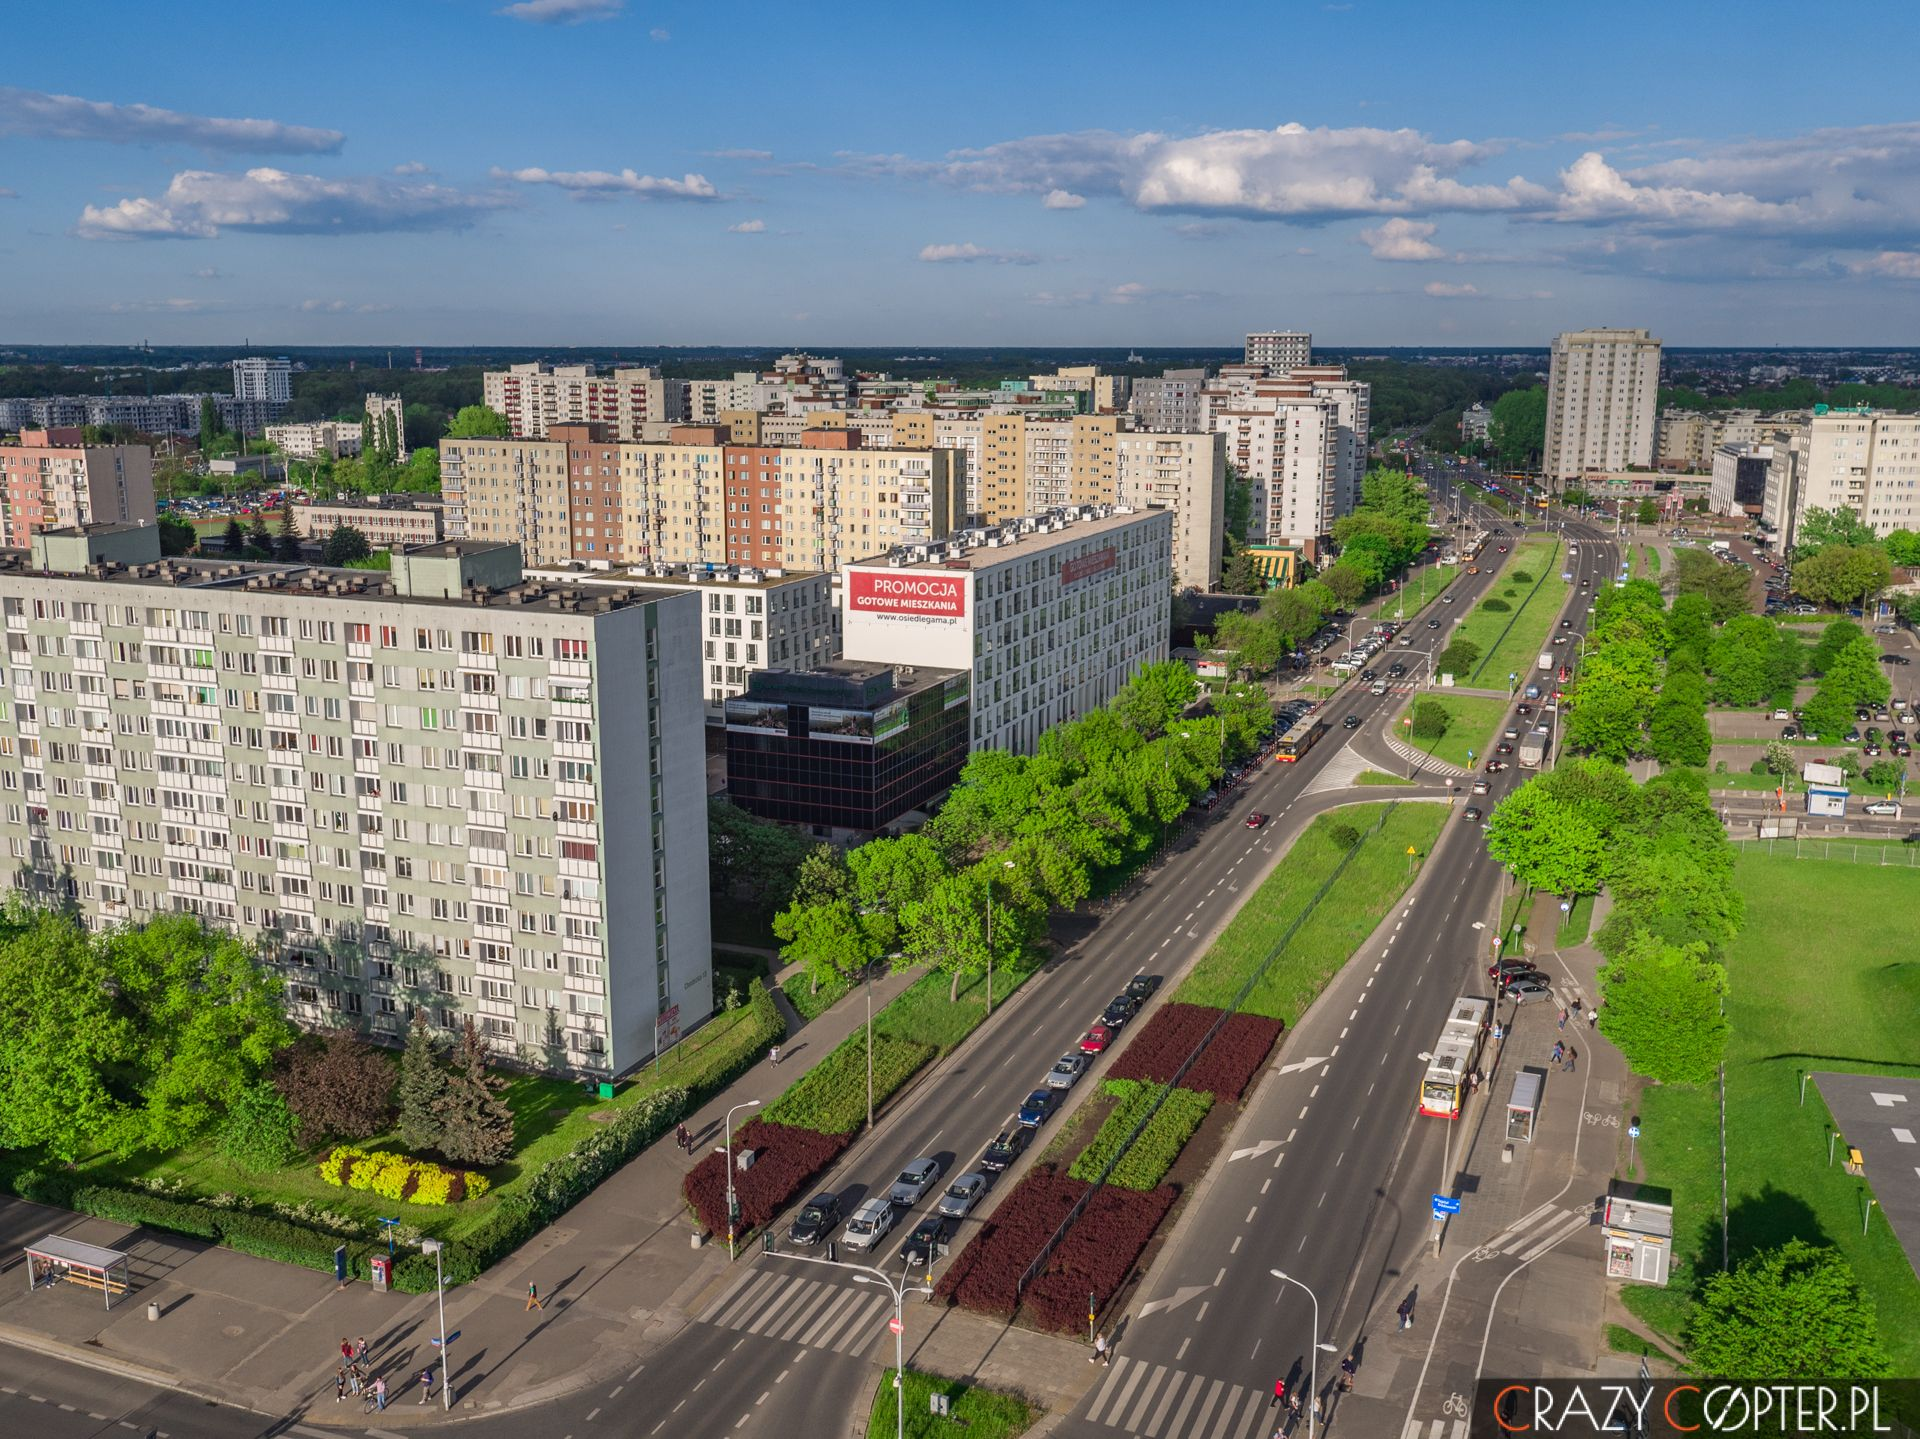 Fotografie zdrona wWarszawie - Targówek iBródnów